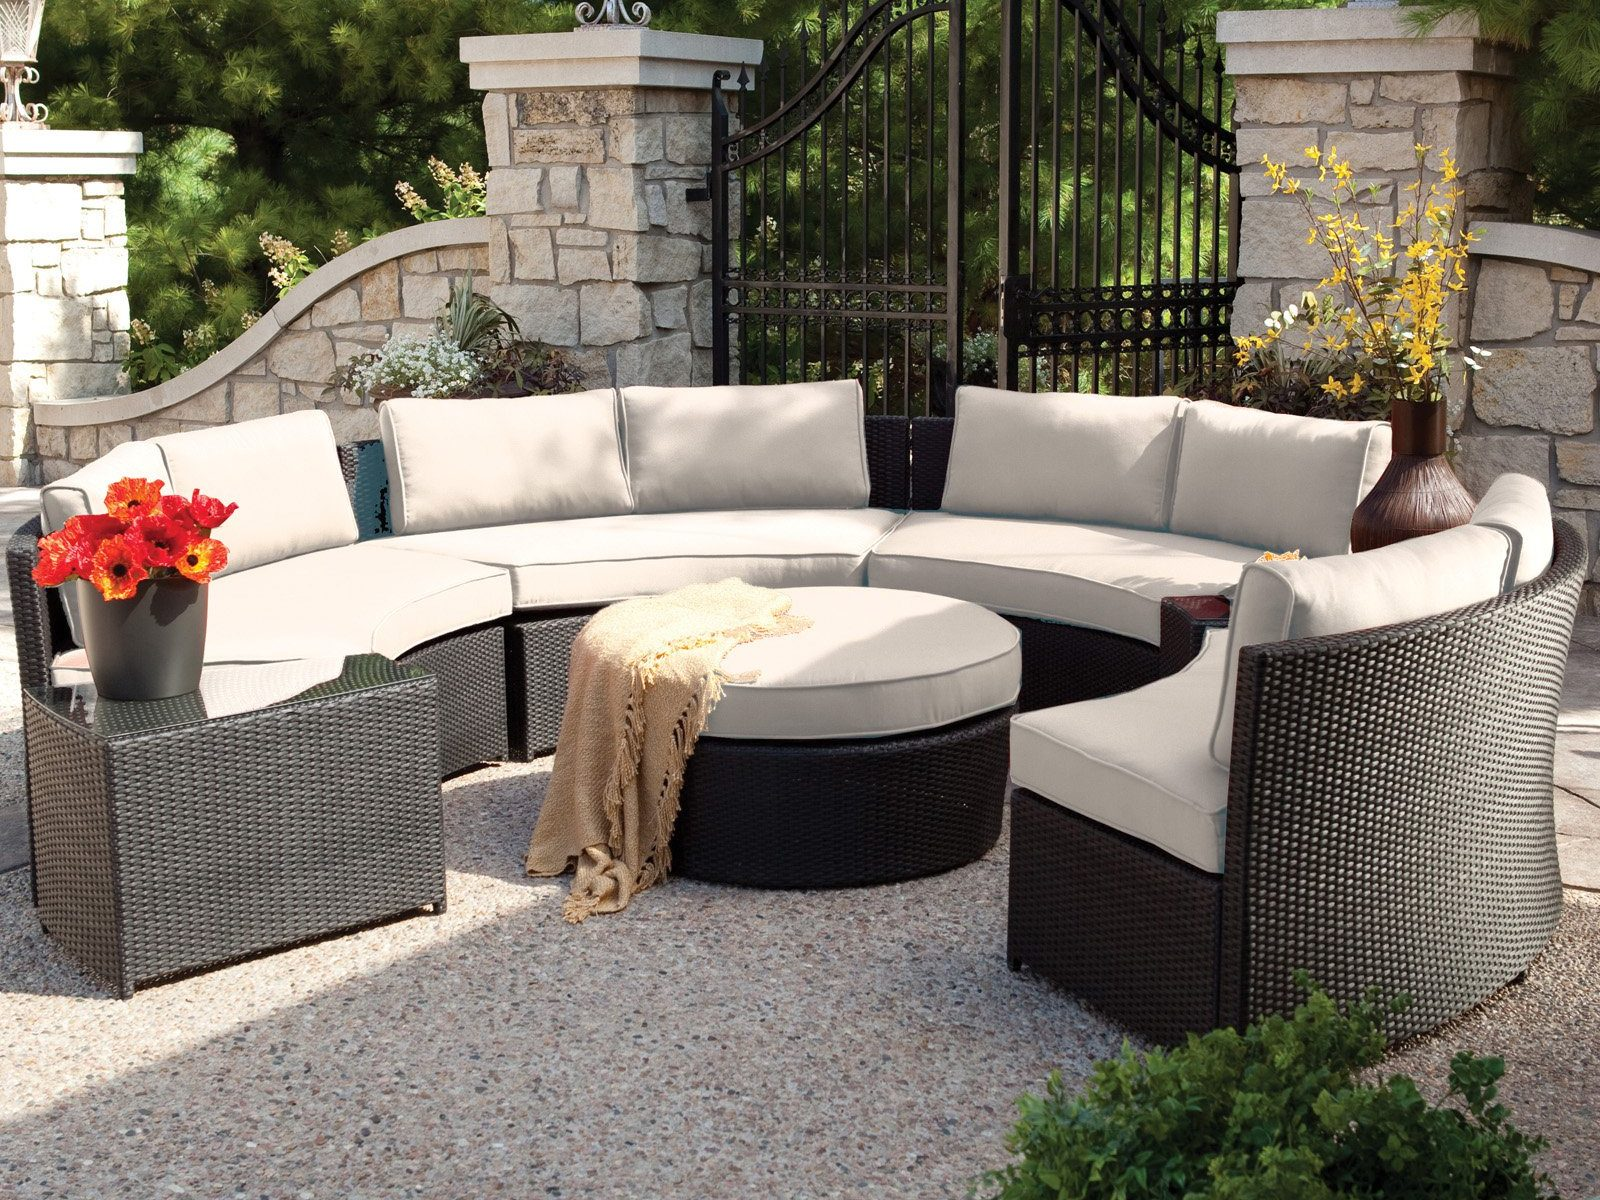 Belham Living Meridian Round Outdoor Wicker Patio Furniture Set With in Wicker Patio Furniture